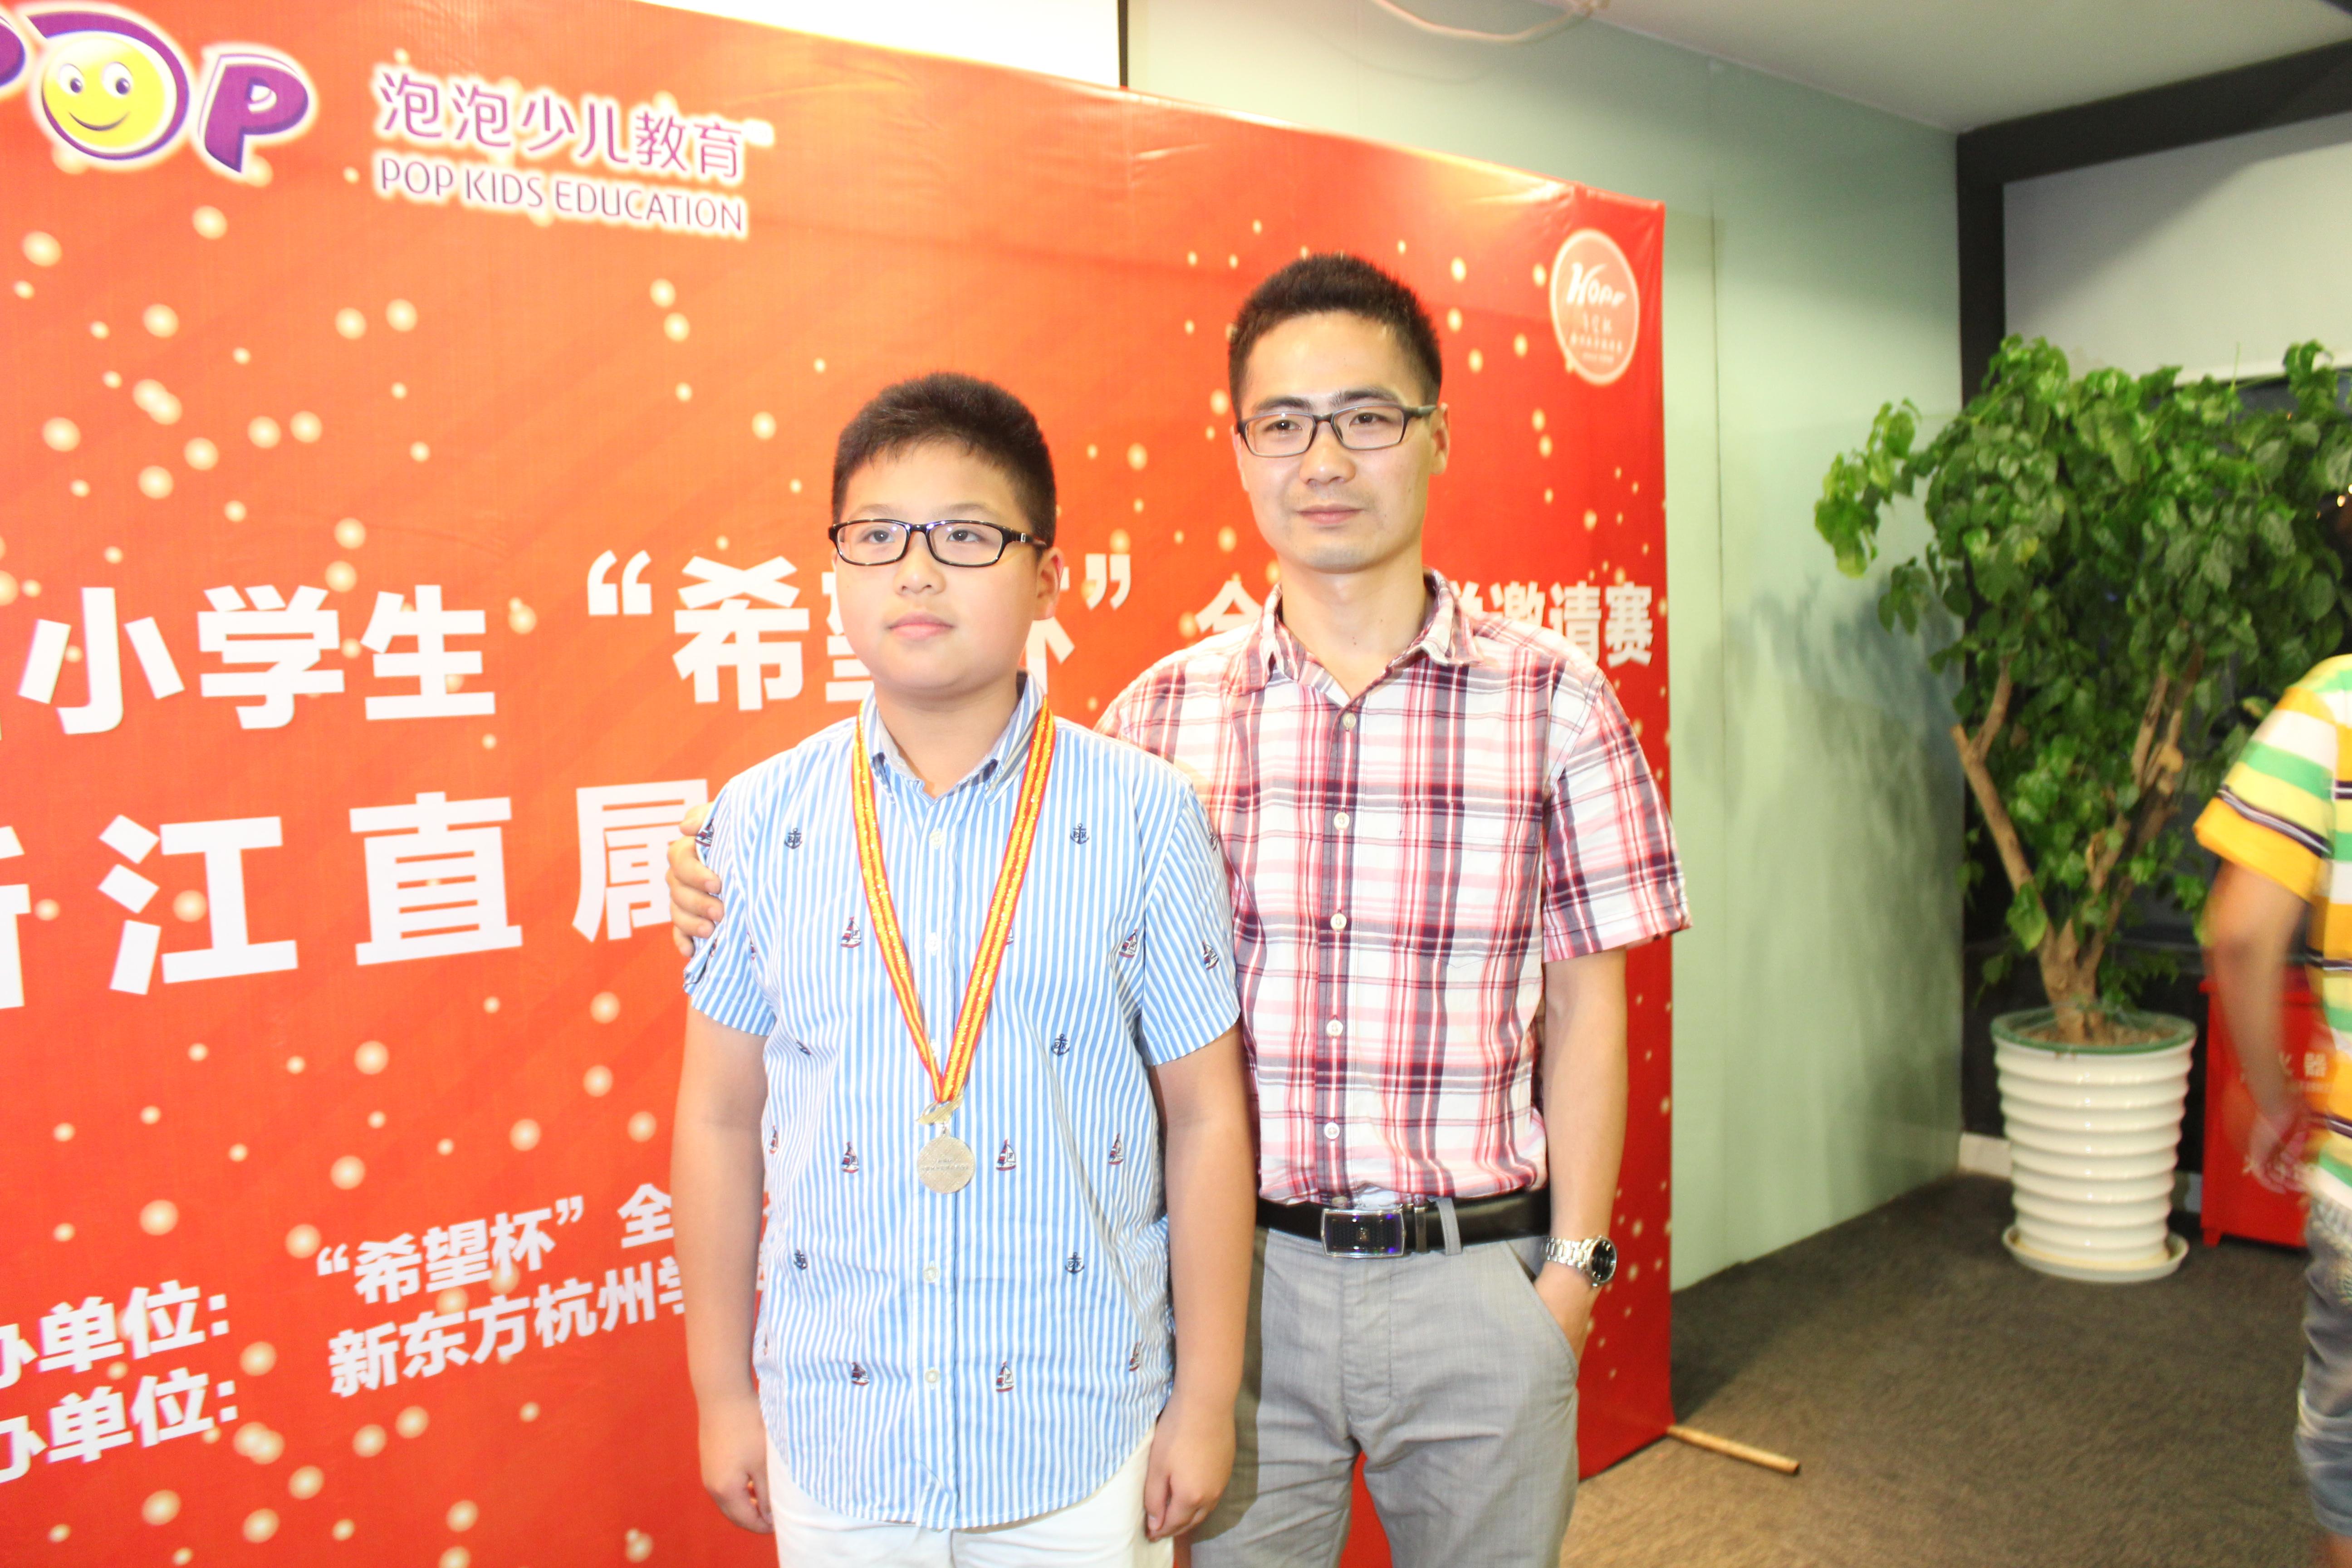 姜志斌老师与学生合影